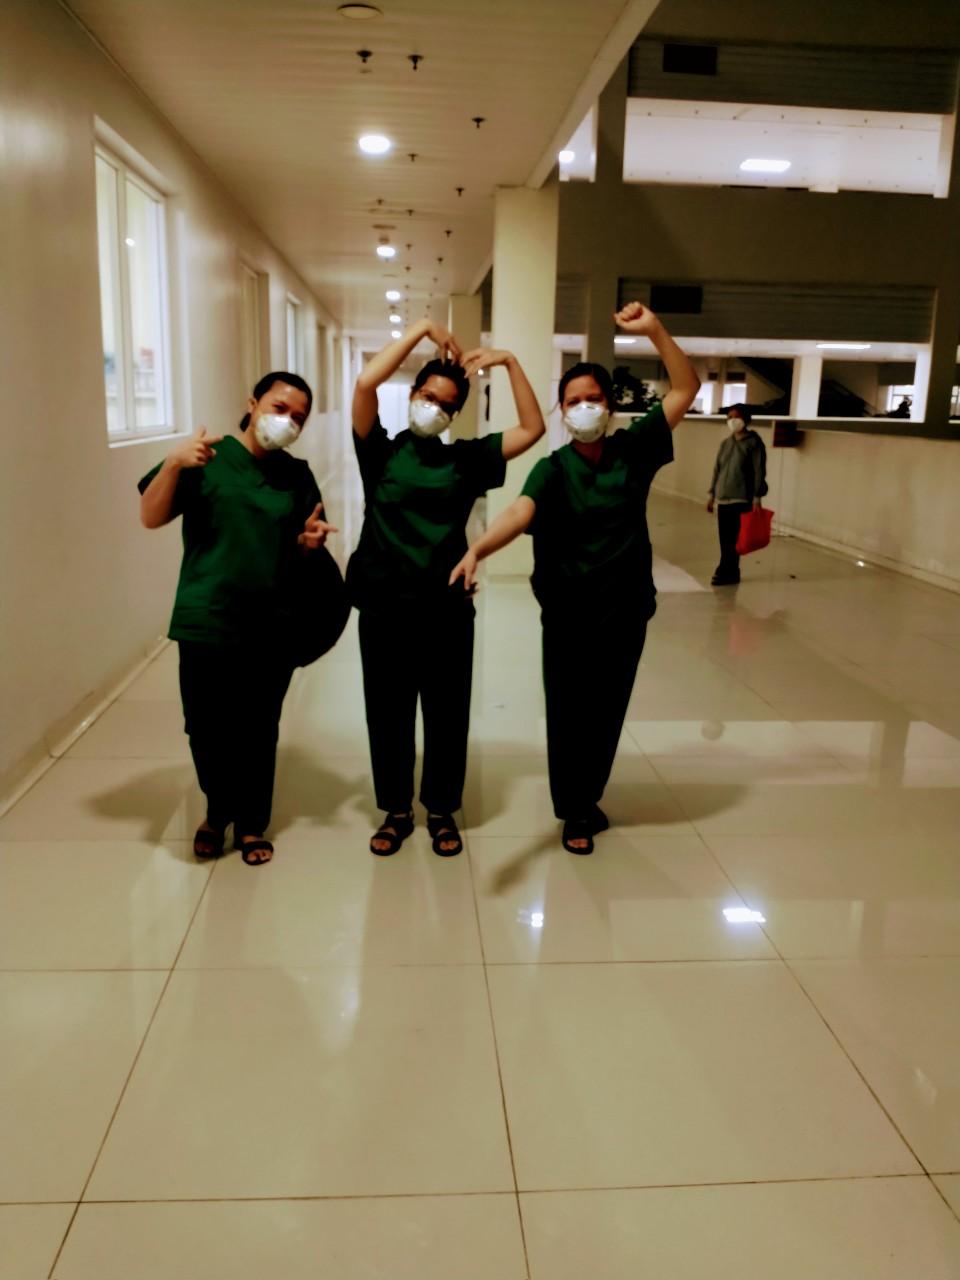 Nhật ký chăm sóc bệnh nhân Covid-19 tại bệnh viện: Ngày thứ hai